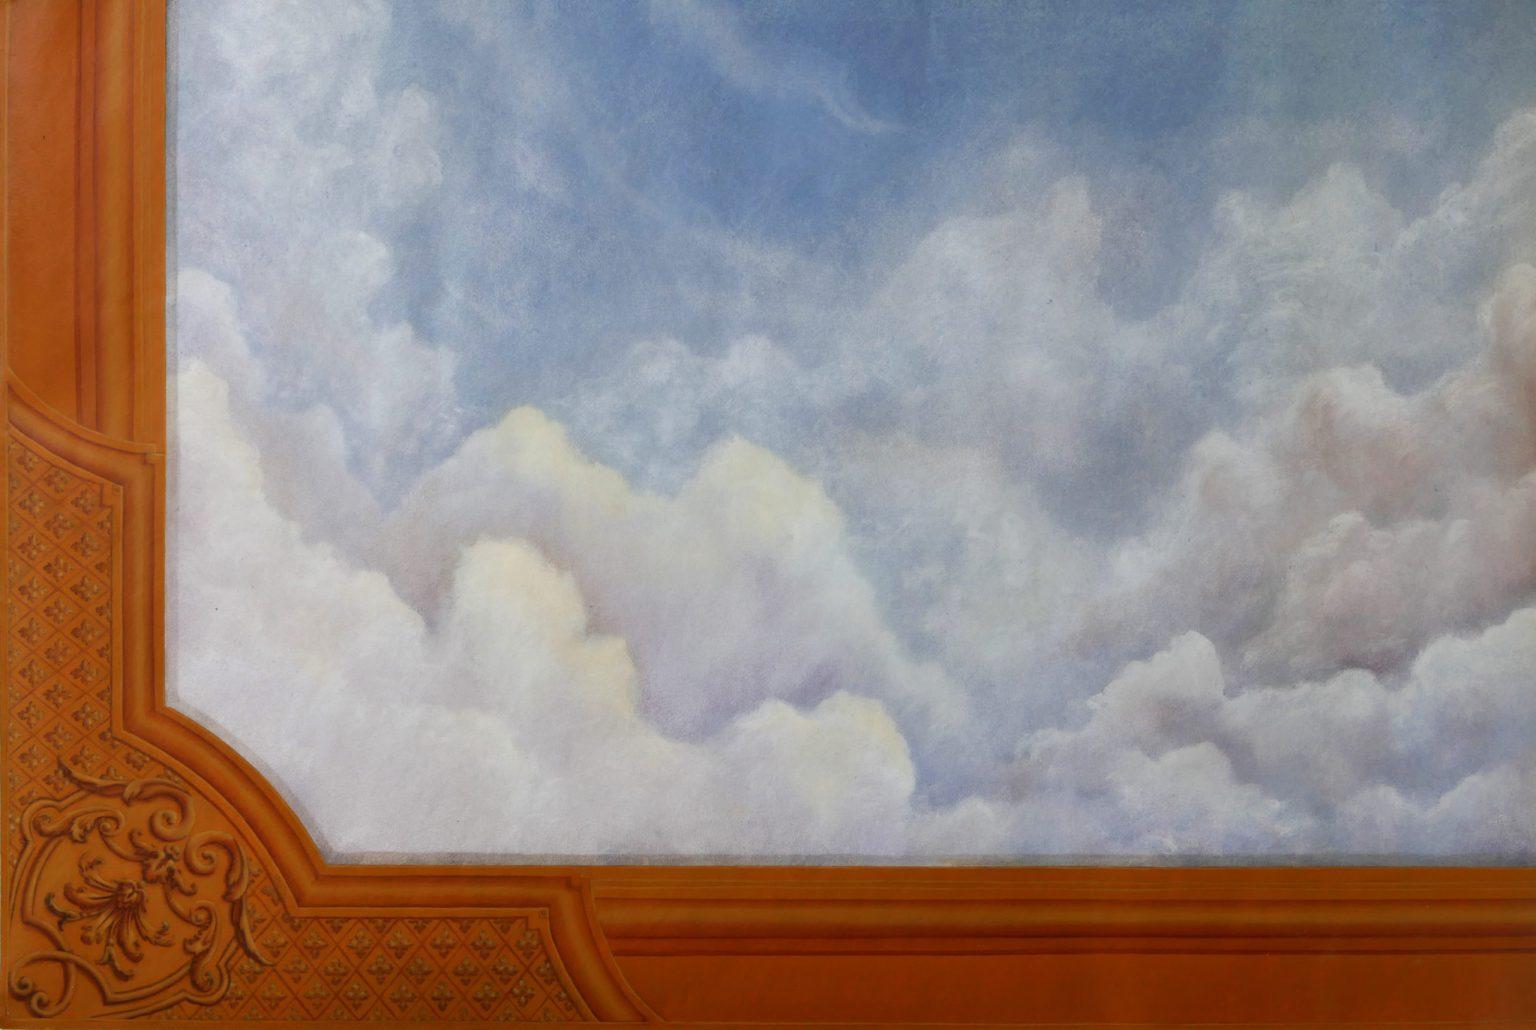 Décor ciel façon XVIIe siècle et son écoinçon, peintre en décor Bordeaux, artisanat d'art